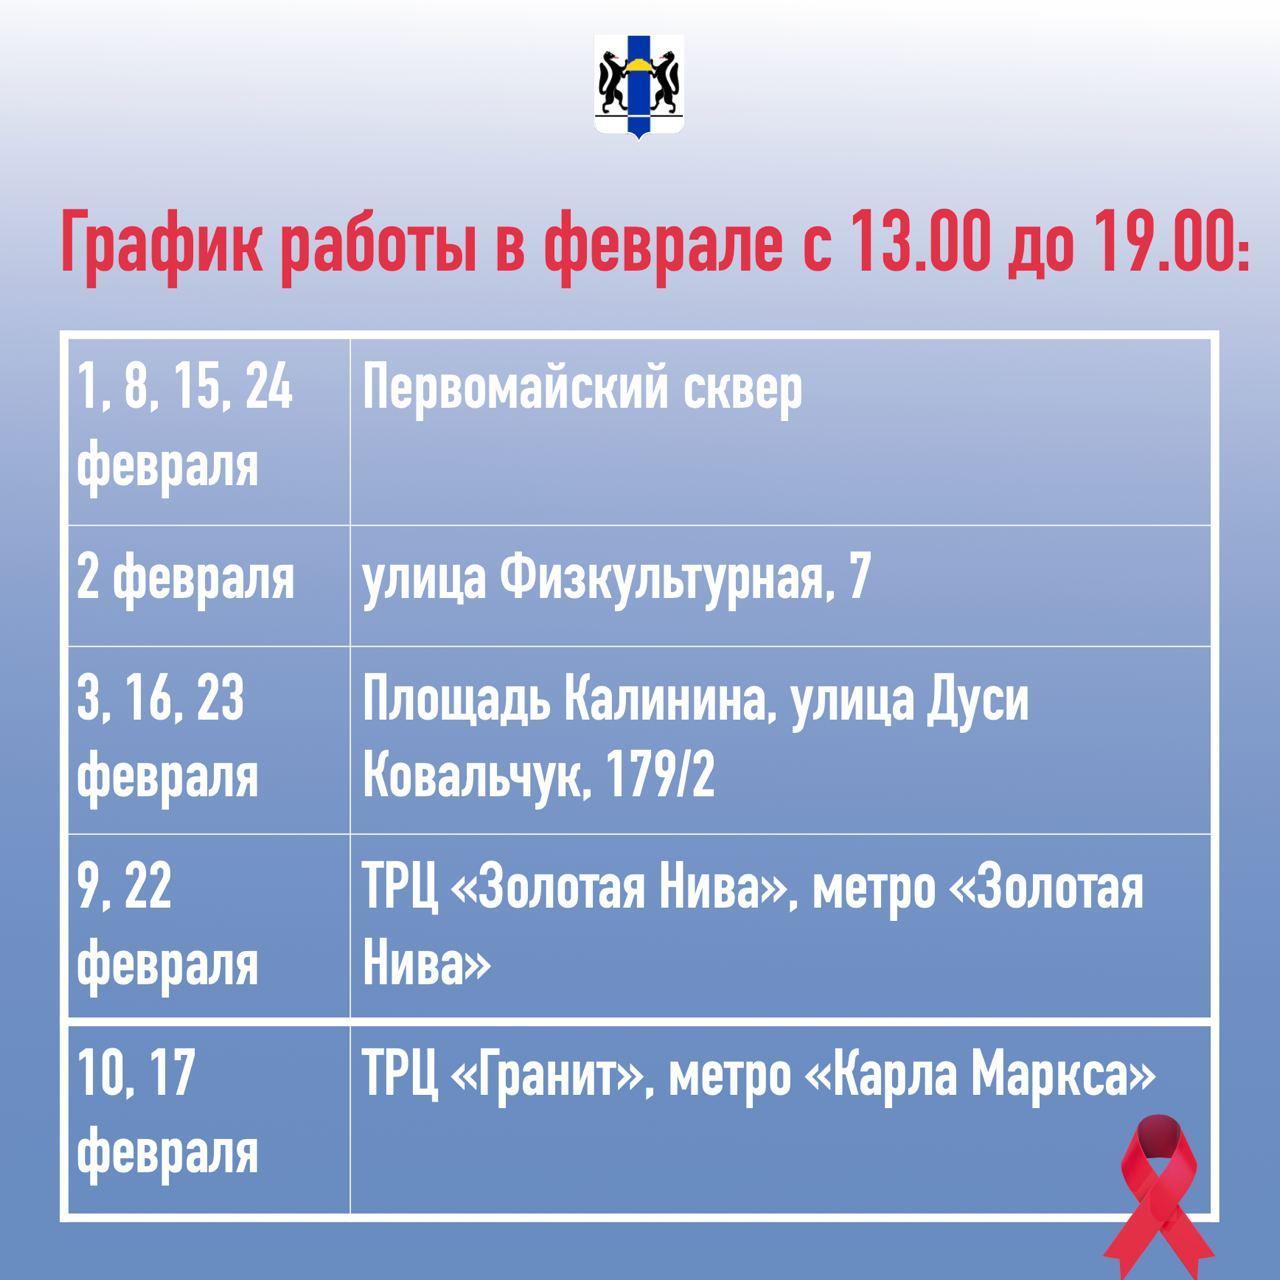 фото ВИЧ-мобиль начал работать в Новосибирске: график работы в двух картинках 3